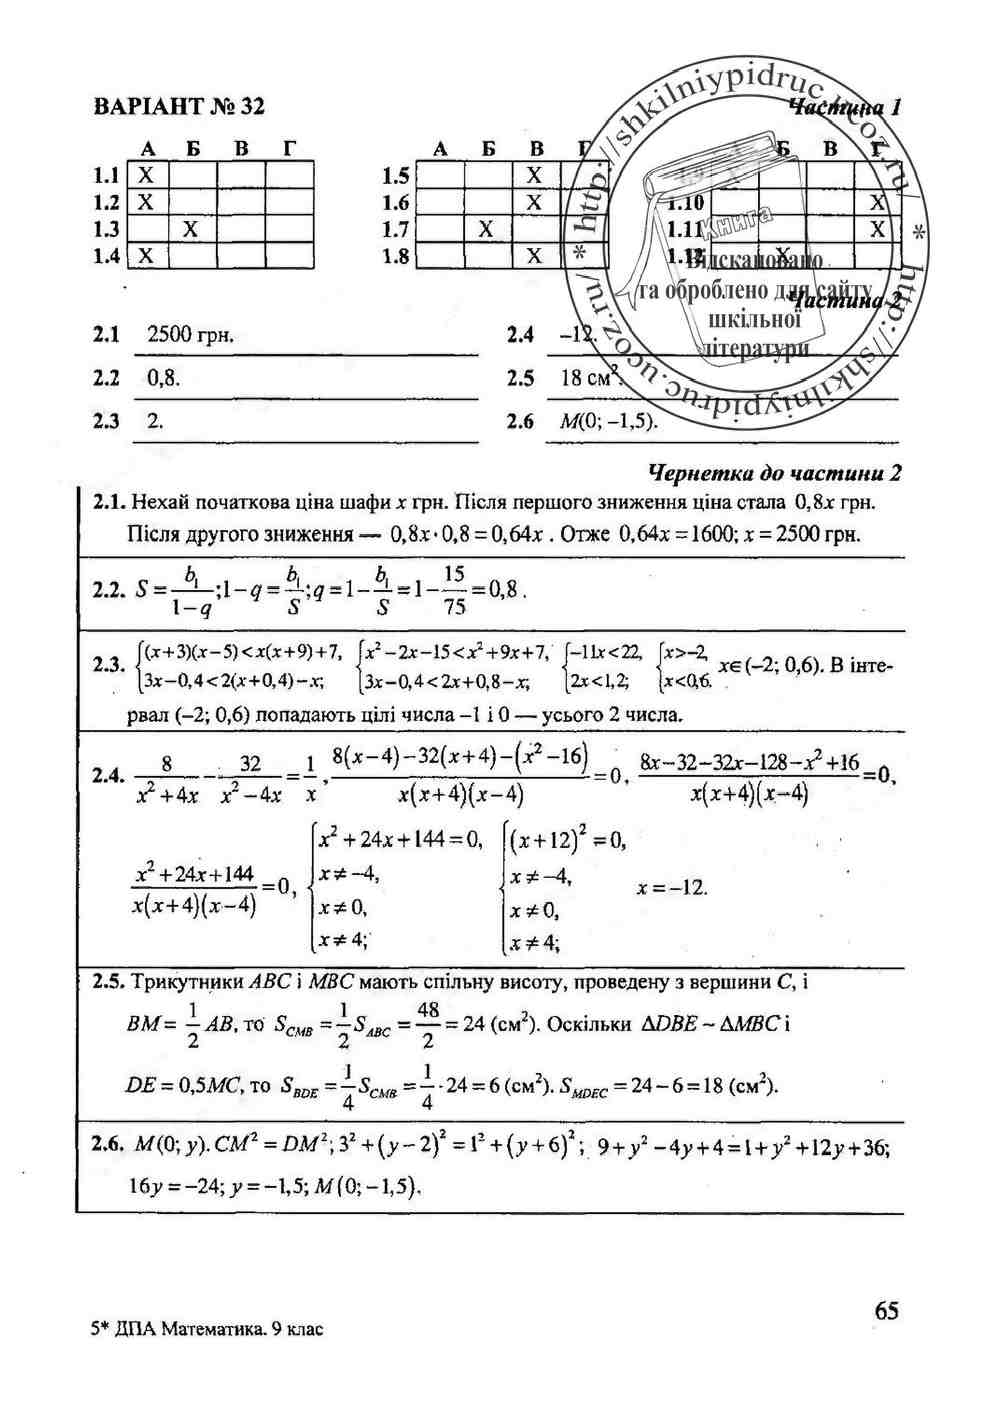 дпа 2019 9 класс решебник по математике